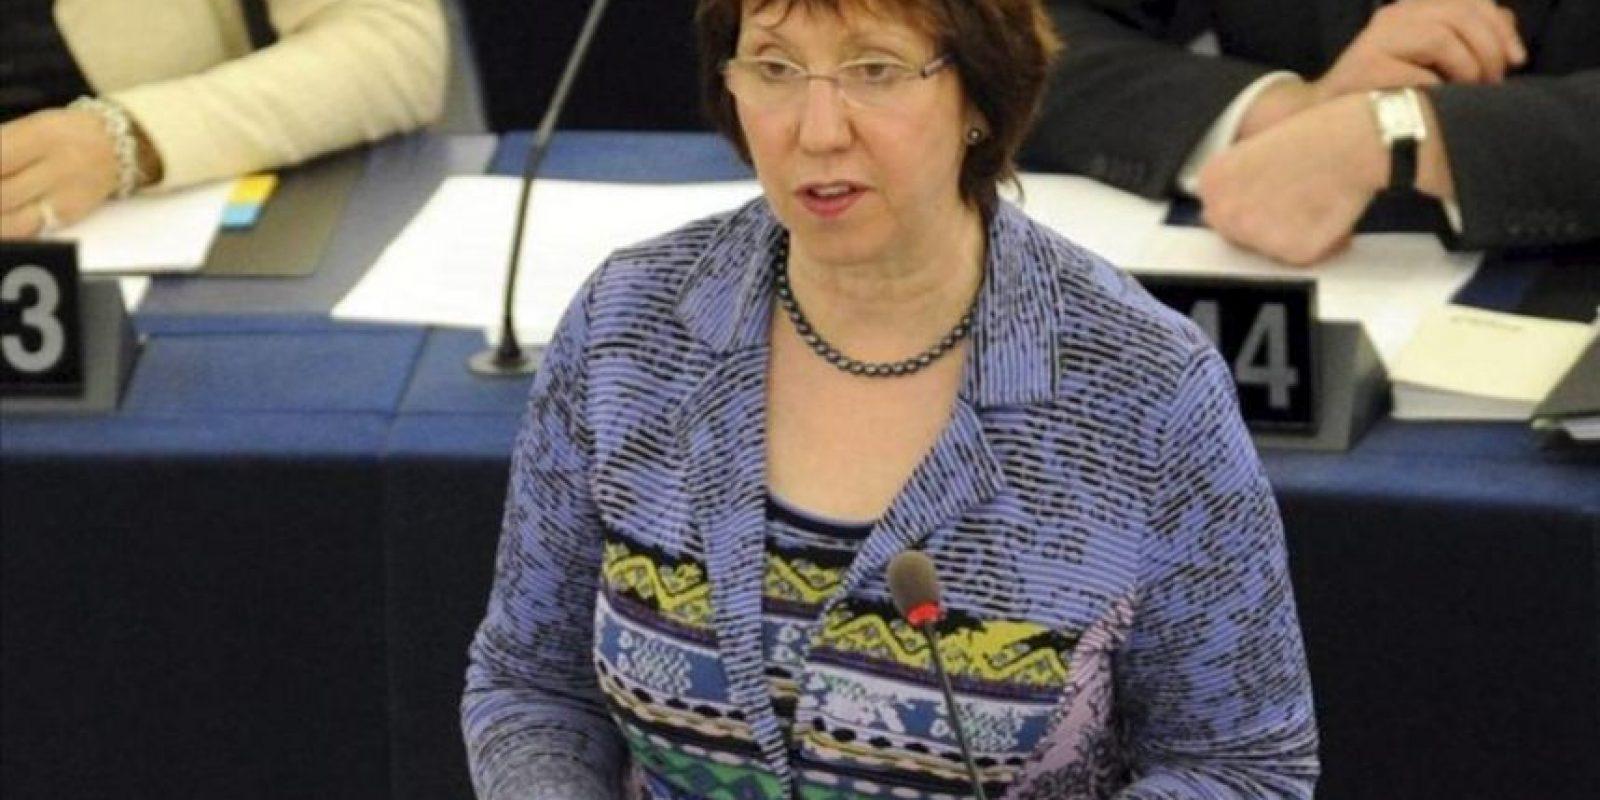 La alta representante de política exterior de la UE, Catherine Ashton, durante la sesión plenaria del Parlamento Europeo de Estrasburgo (Francia) hoy. EFE